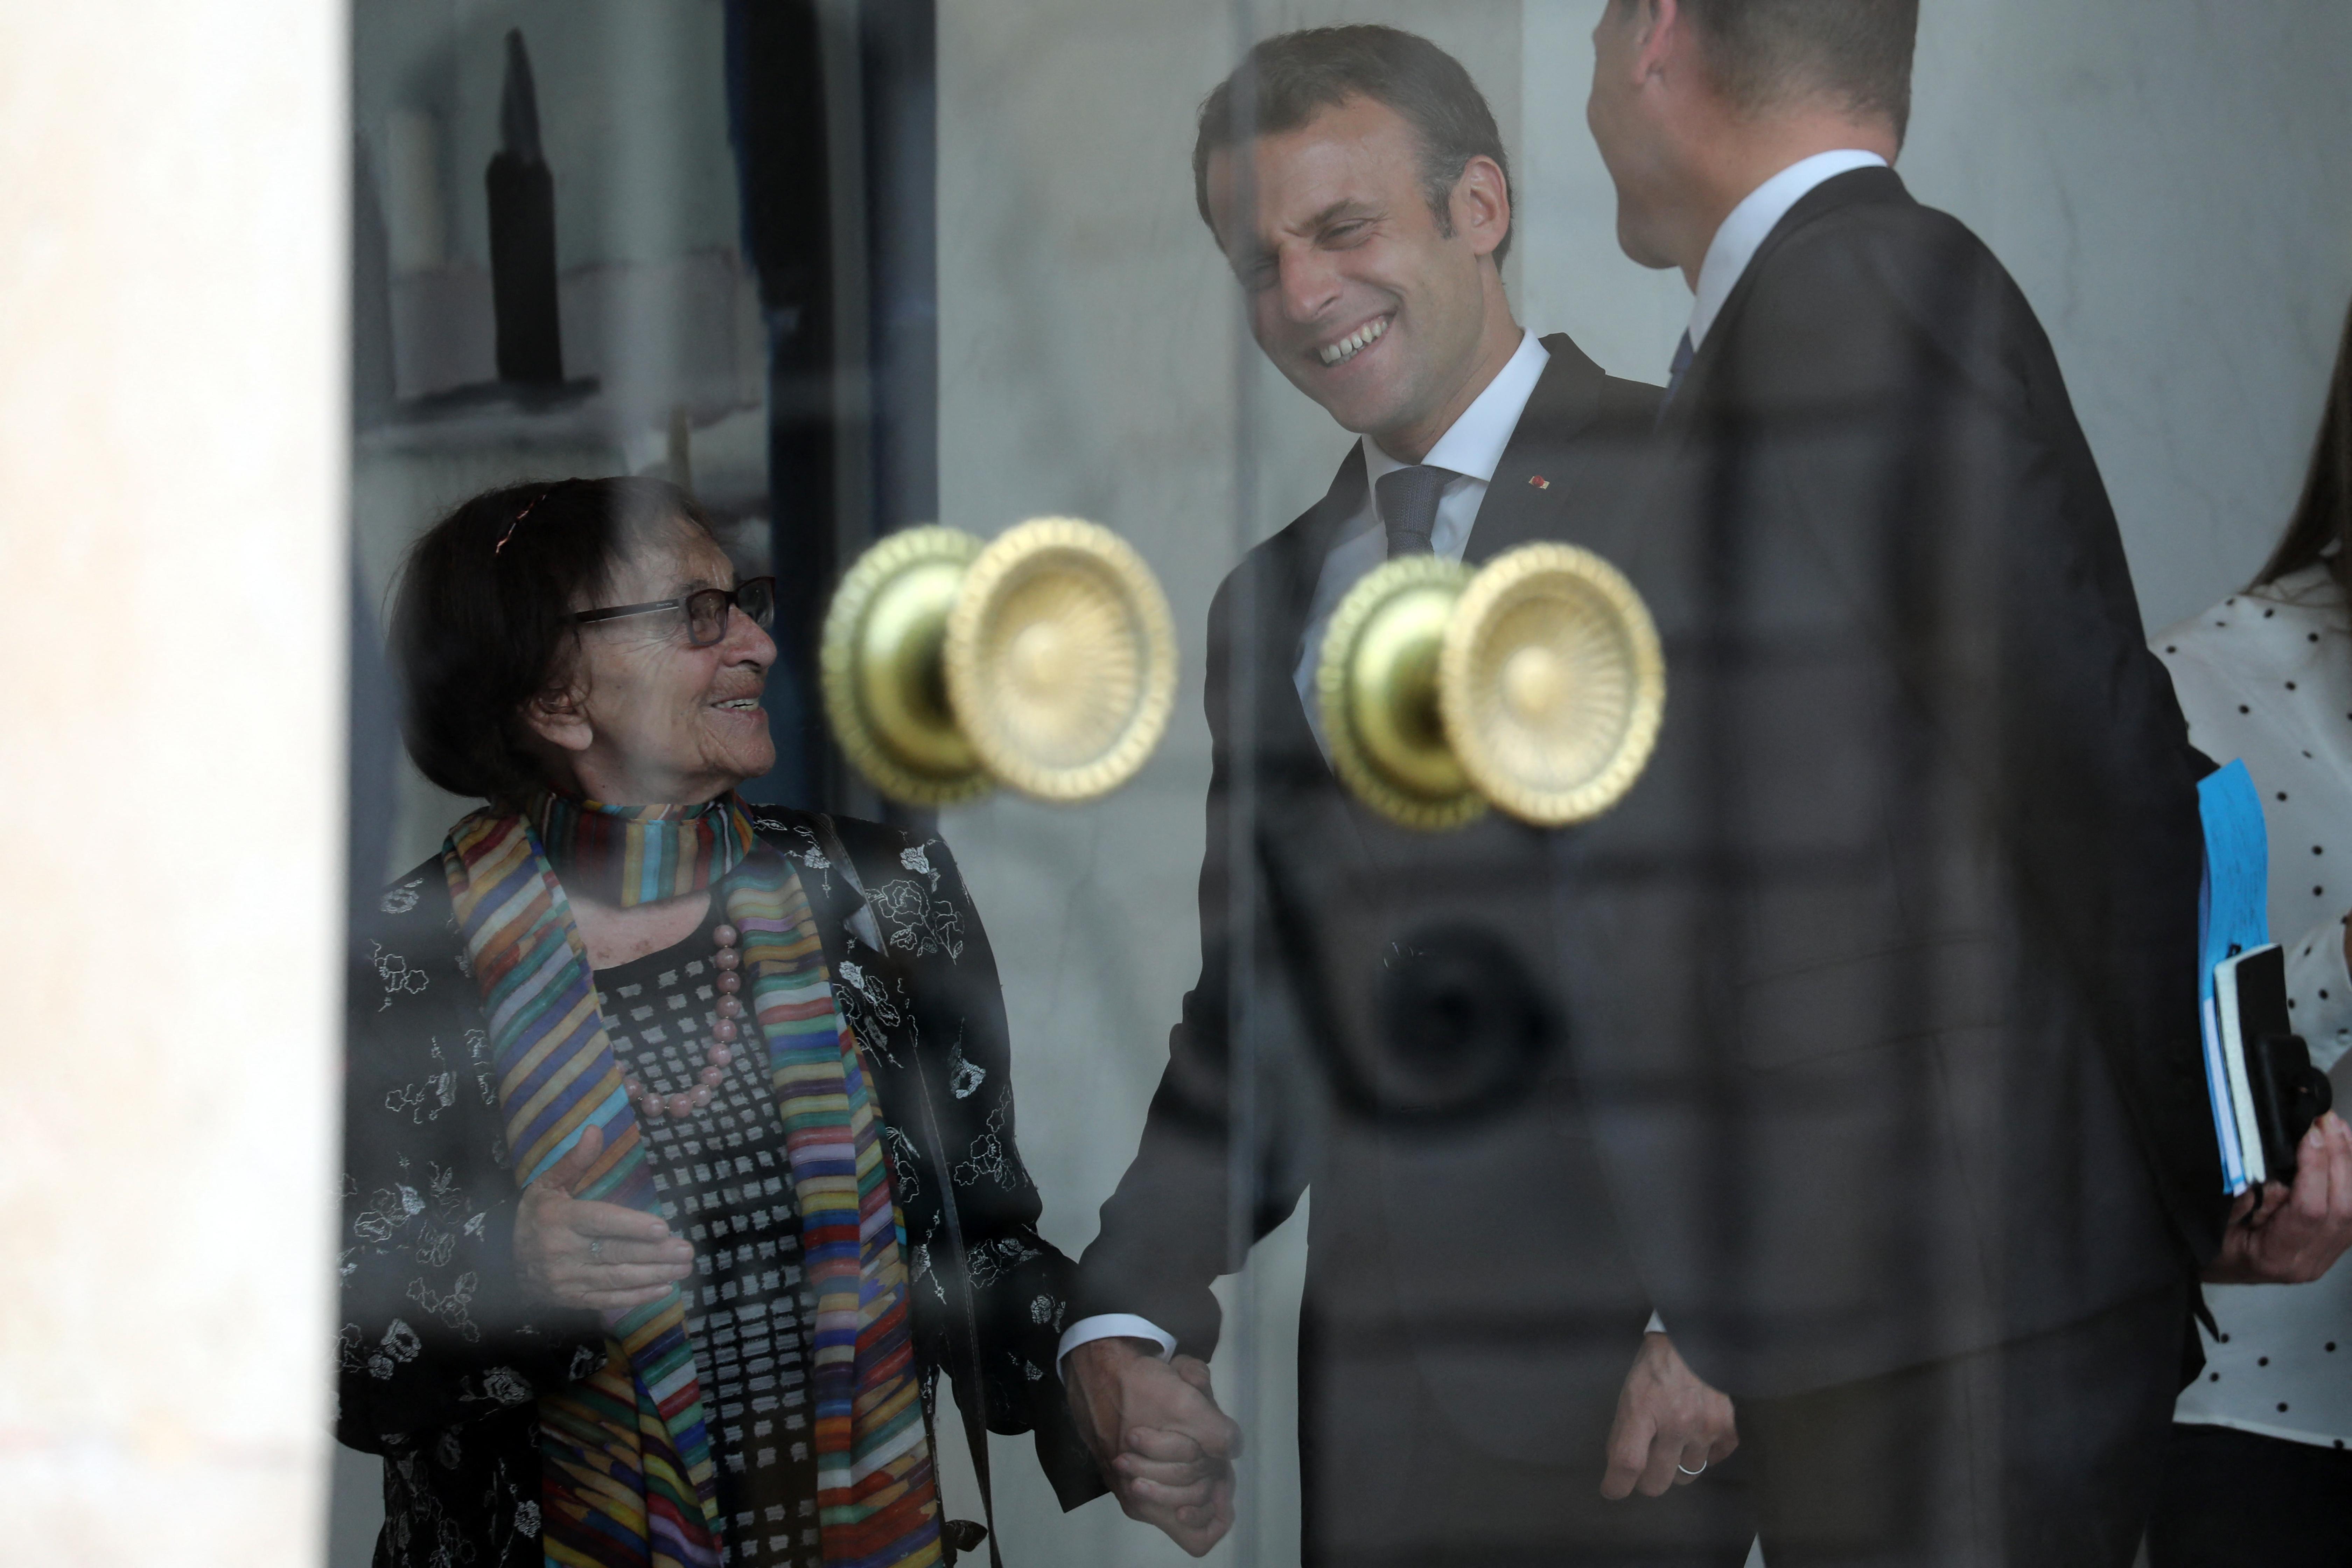 Egy nő, aki nagy hatást gyakorolt Macronra: Heller Ágnes